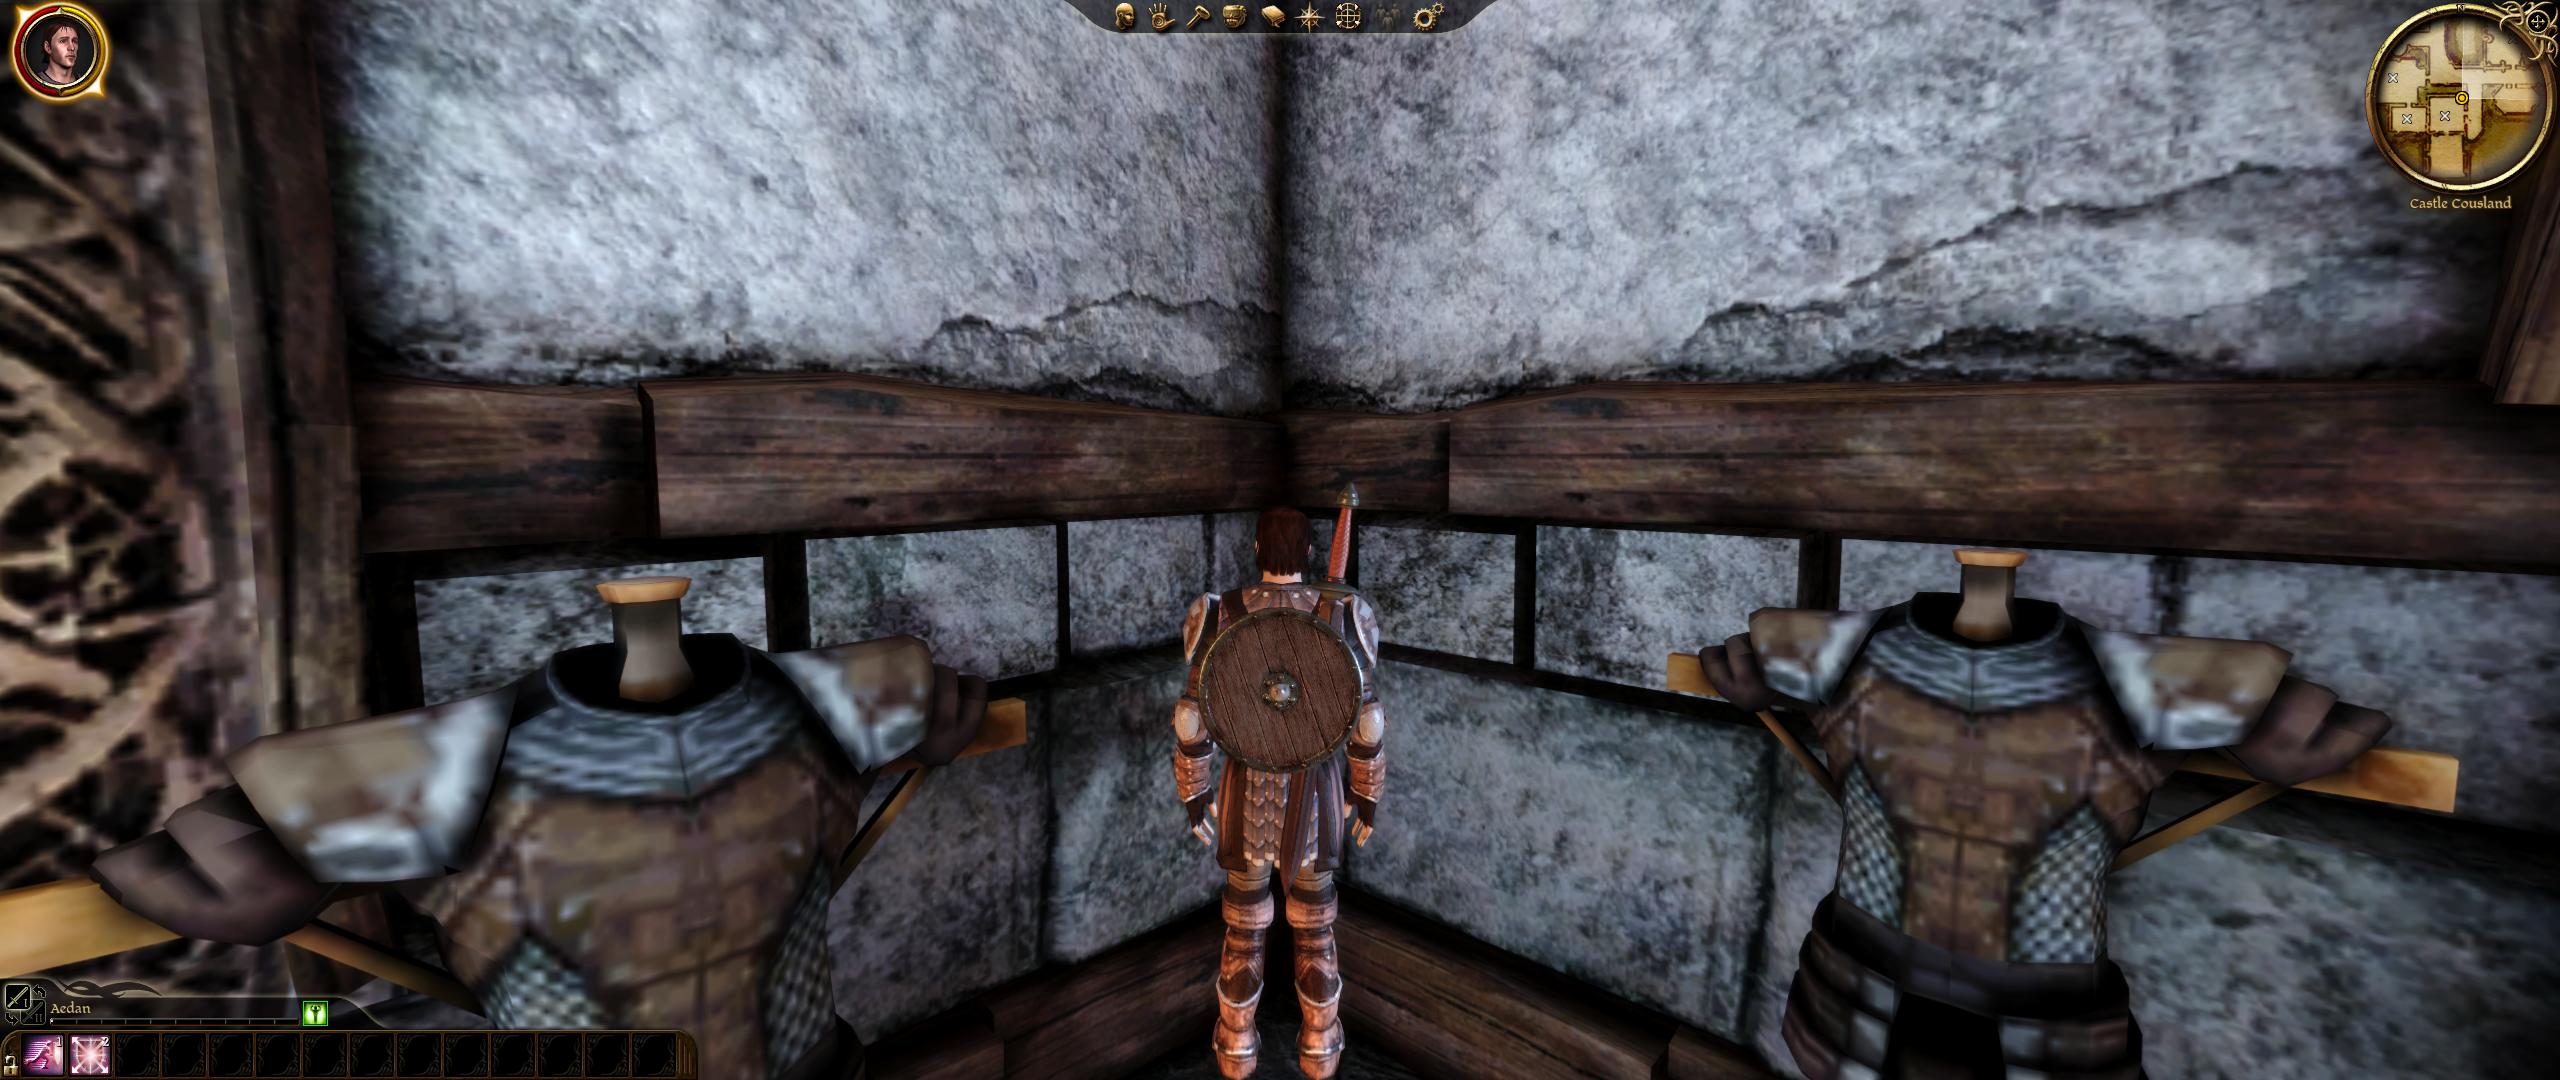 Энтузиаст с помощью нейросети улучшил 2200 текстур в Dragon Age: Origins